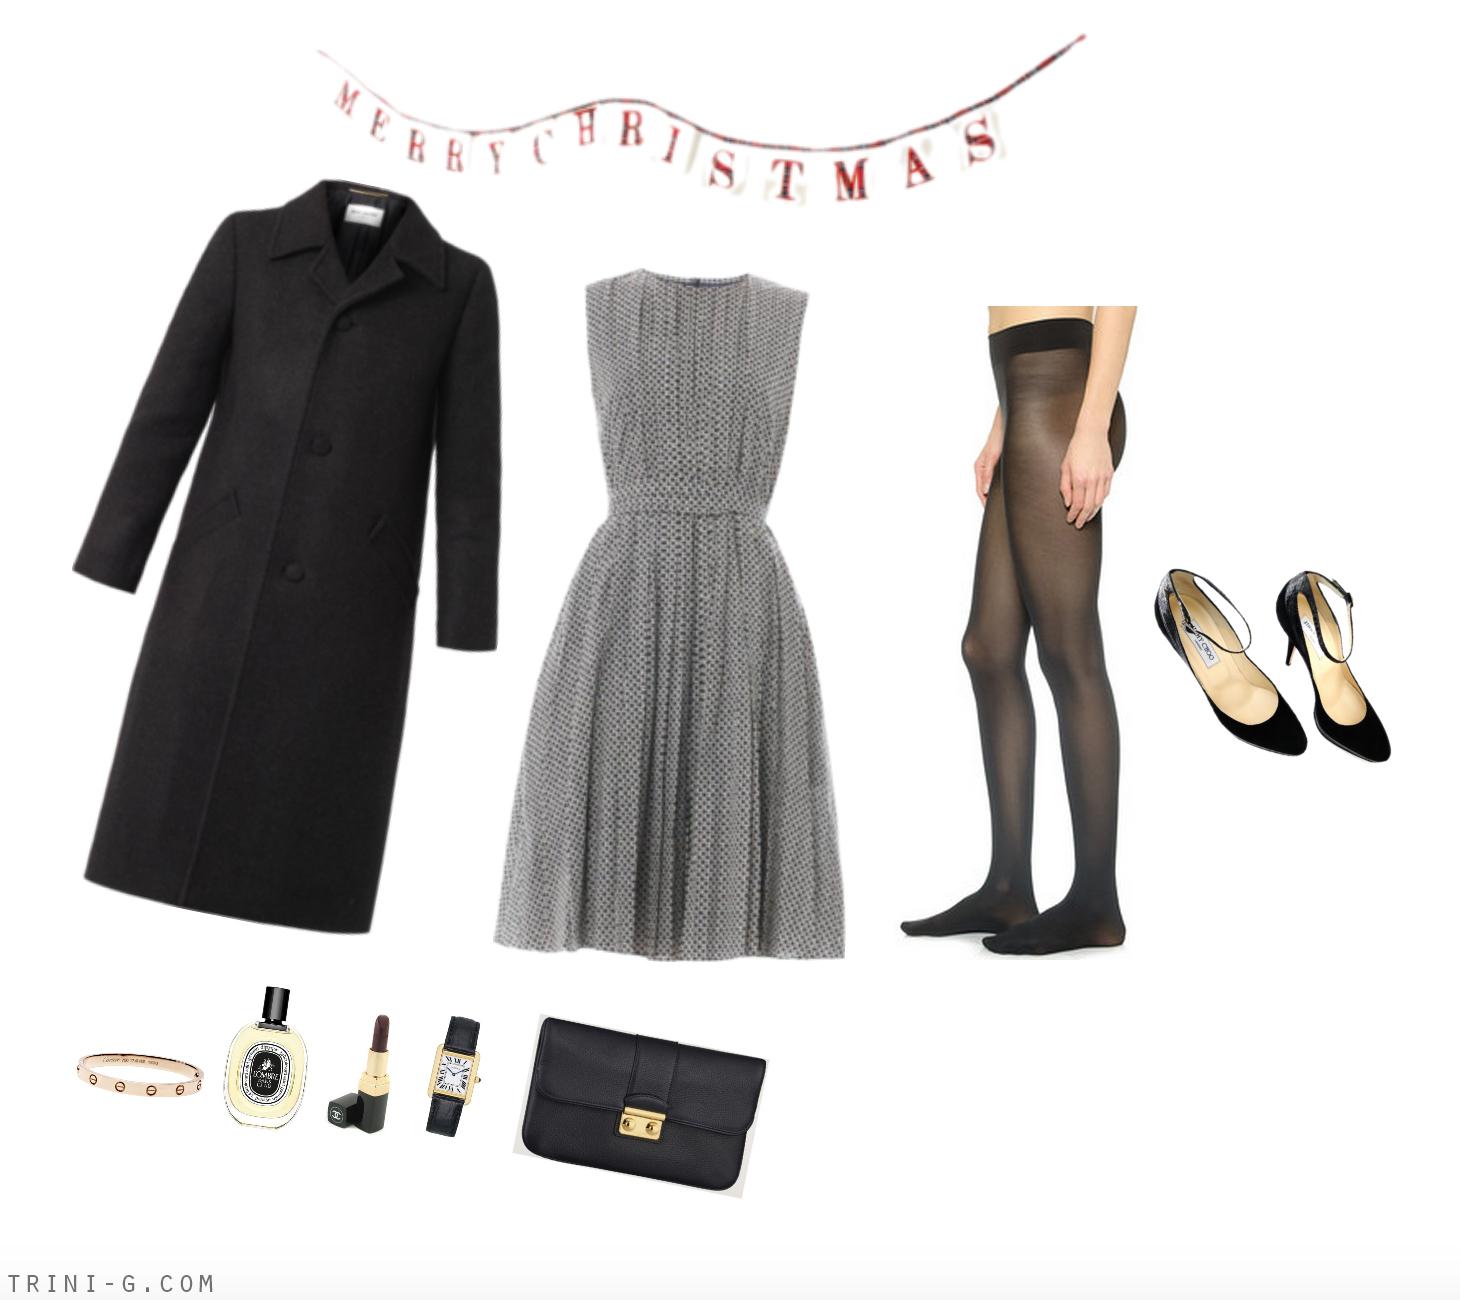 Trini blog | Christmas outfit